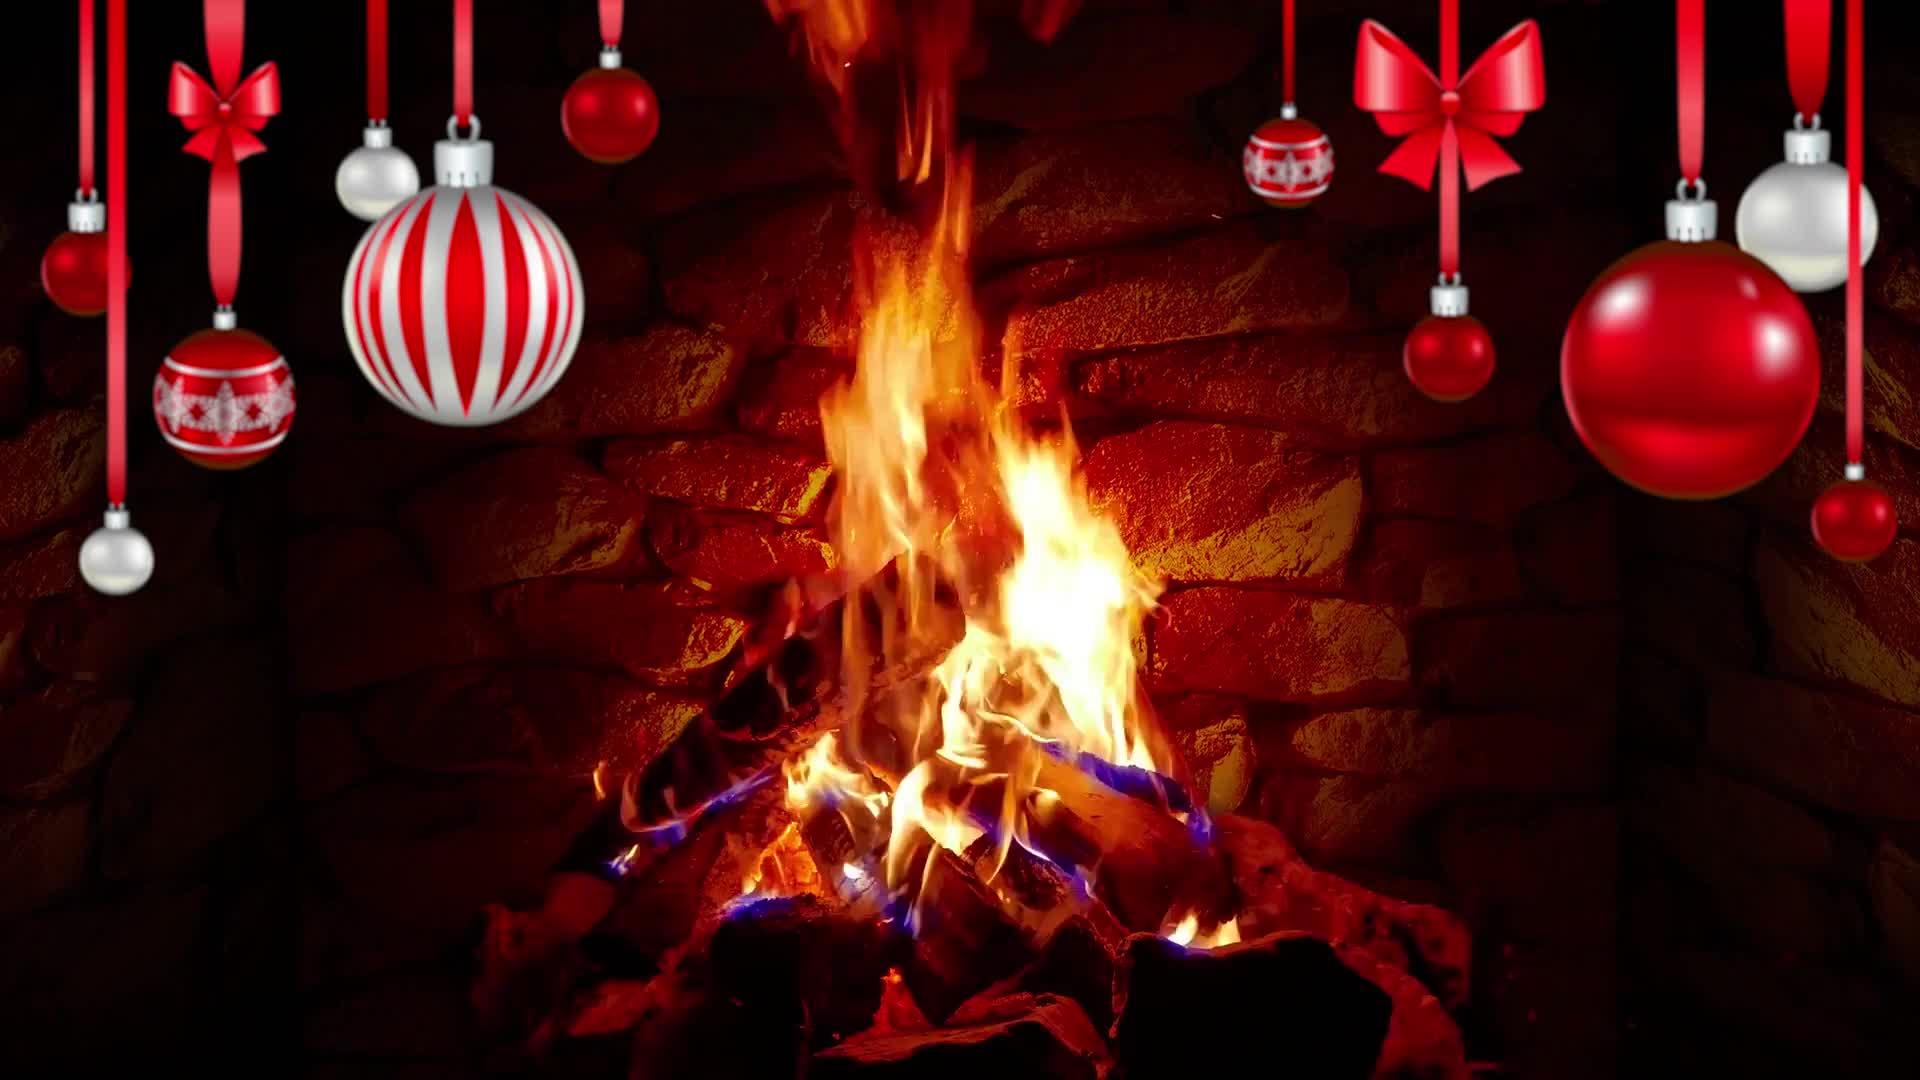 Горящий камин и рождественские игрушки - живые обои